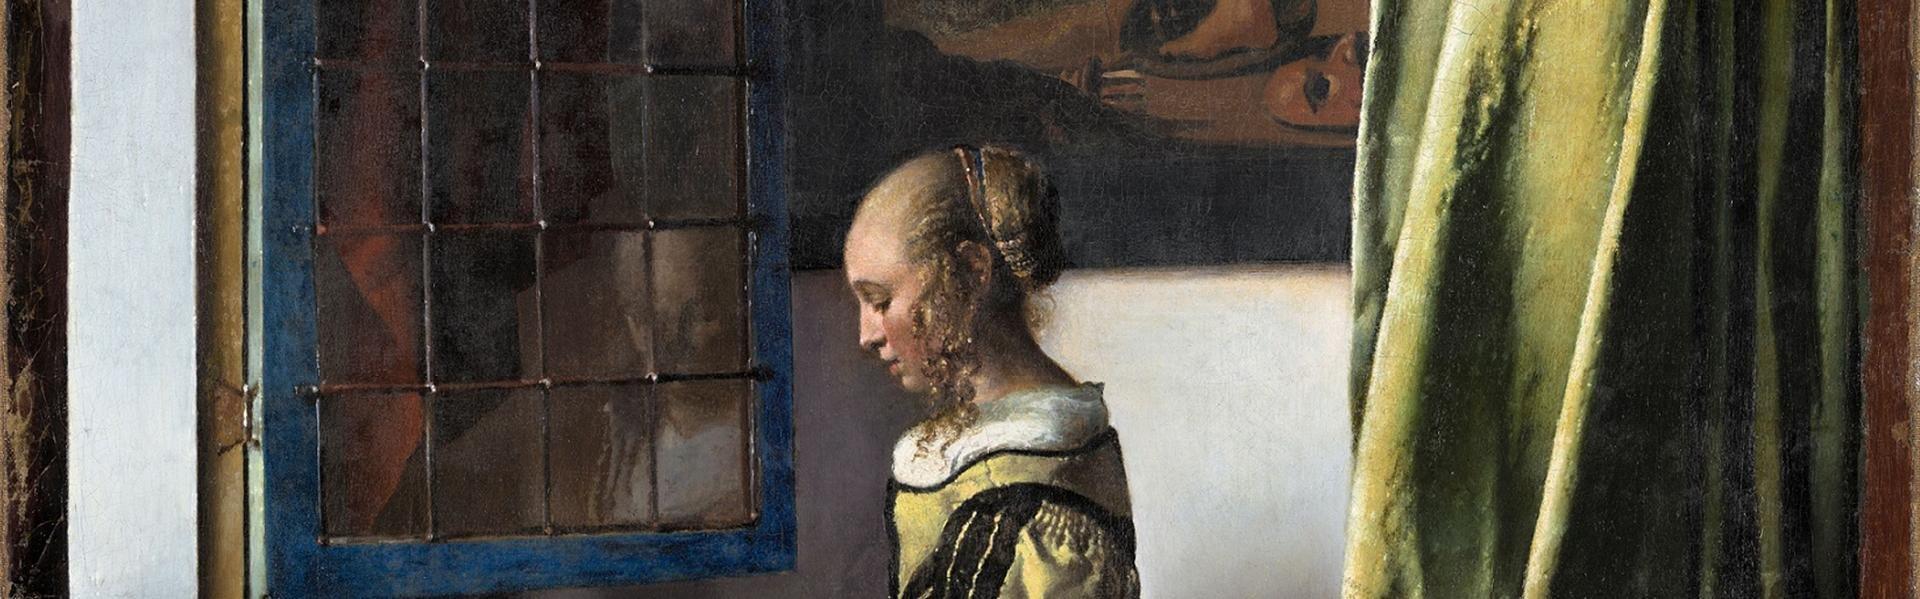 Vermeer-expositie in Gemäldegalerie Alte Meister, Dresden, Duitsland